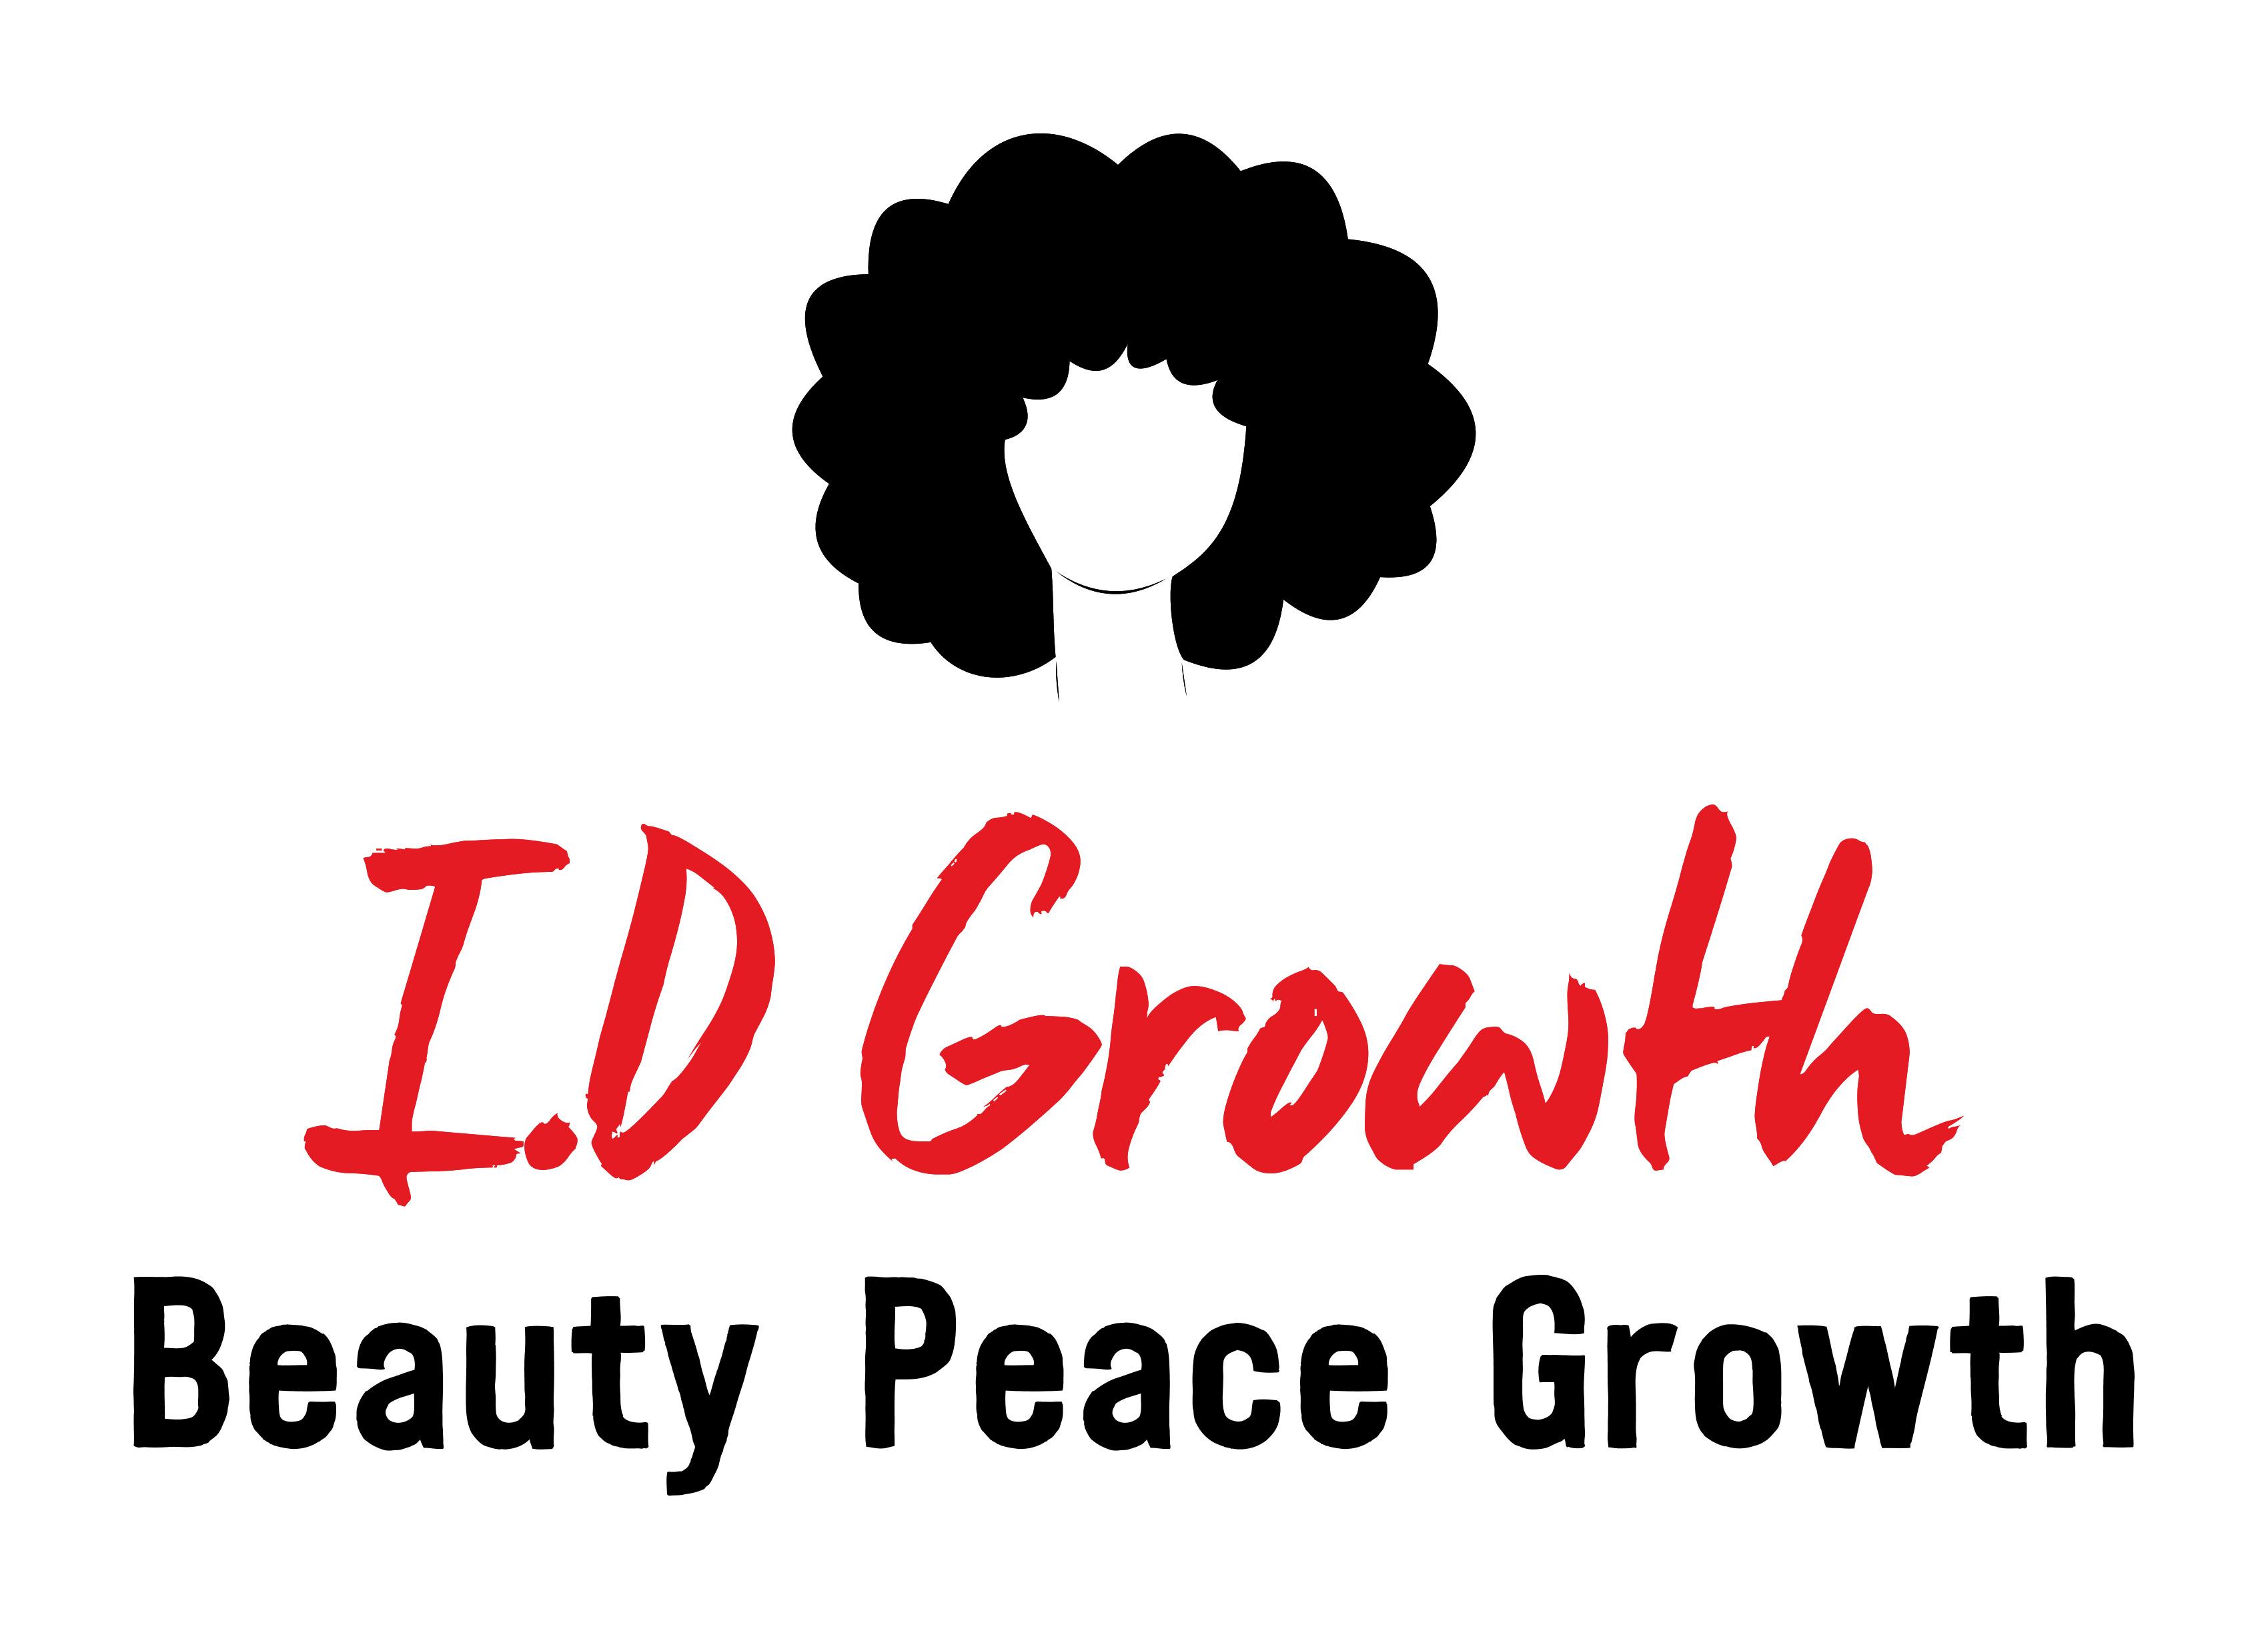 I.D Growth